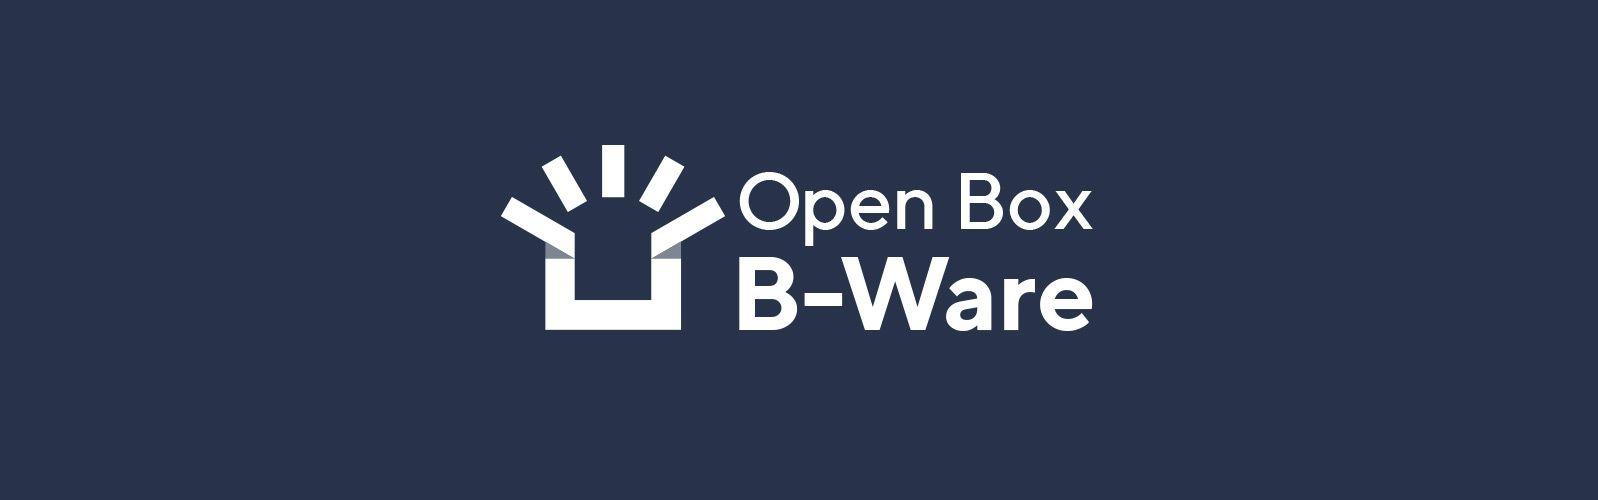 open box b-ware - qvc.de